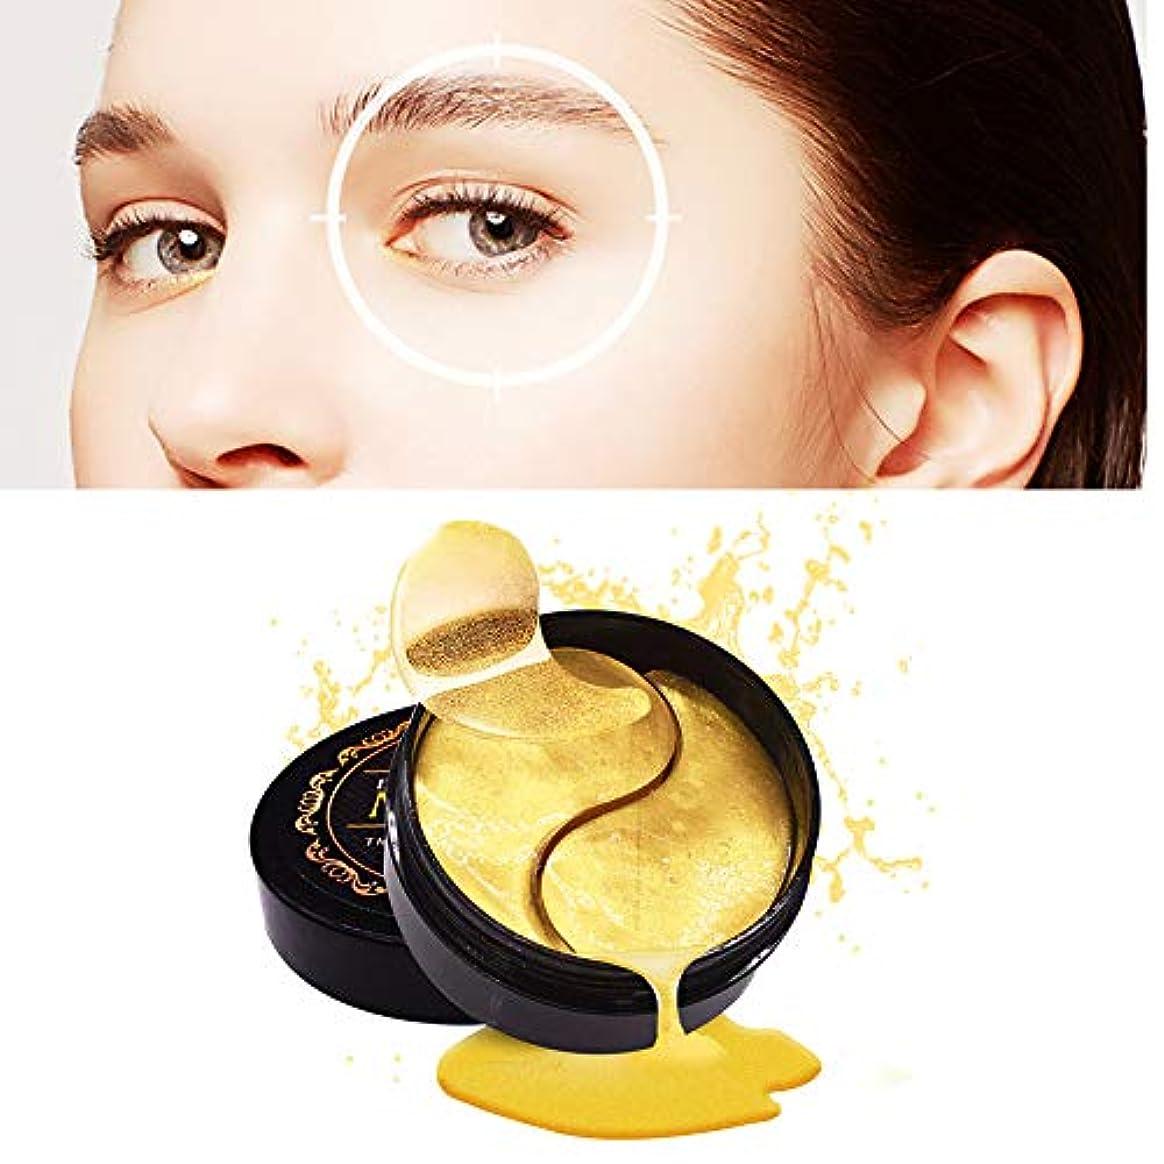 カストディアンオプショナル忌避剤24K ゴールドアイマスク、アンチリンクルトリートメントゴールドパウダージェルコラーゲンアイマスク、パフィーアイ用アイマスク、ハイドレーティング60PCS